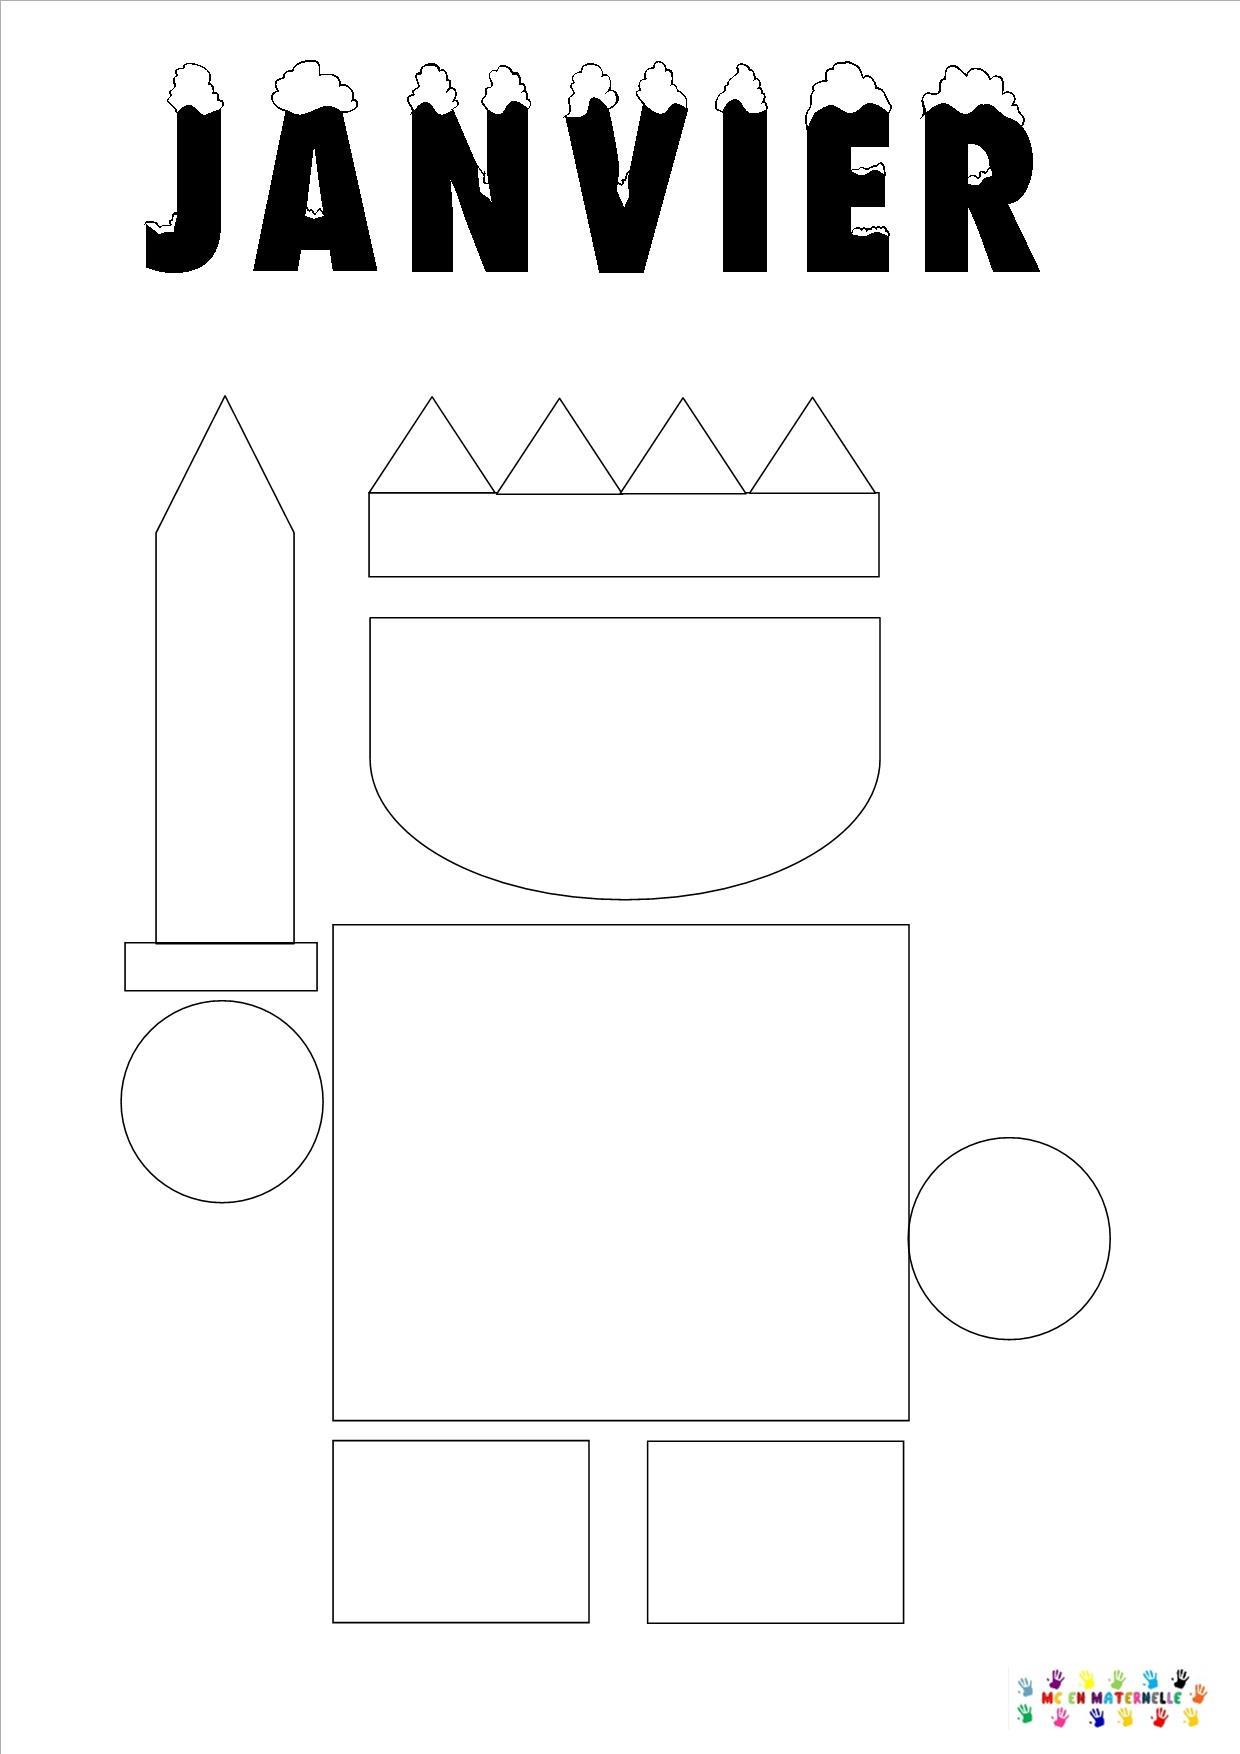 Le Tout Petit Roi : Page Du Mois De Janvier – Mc En Maternelle intérieur Mois À Colorier Maternelle